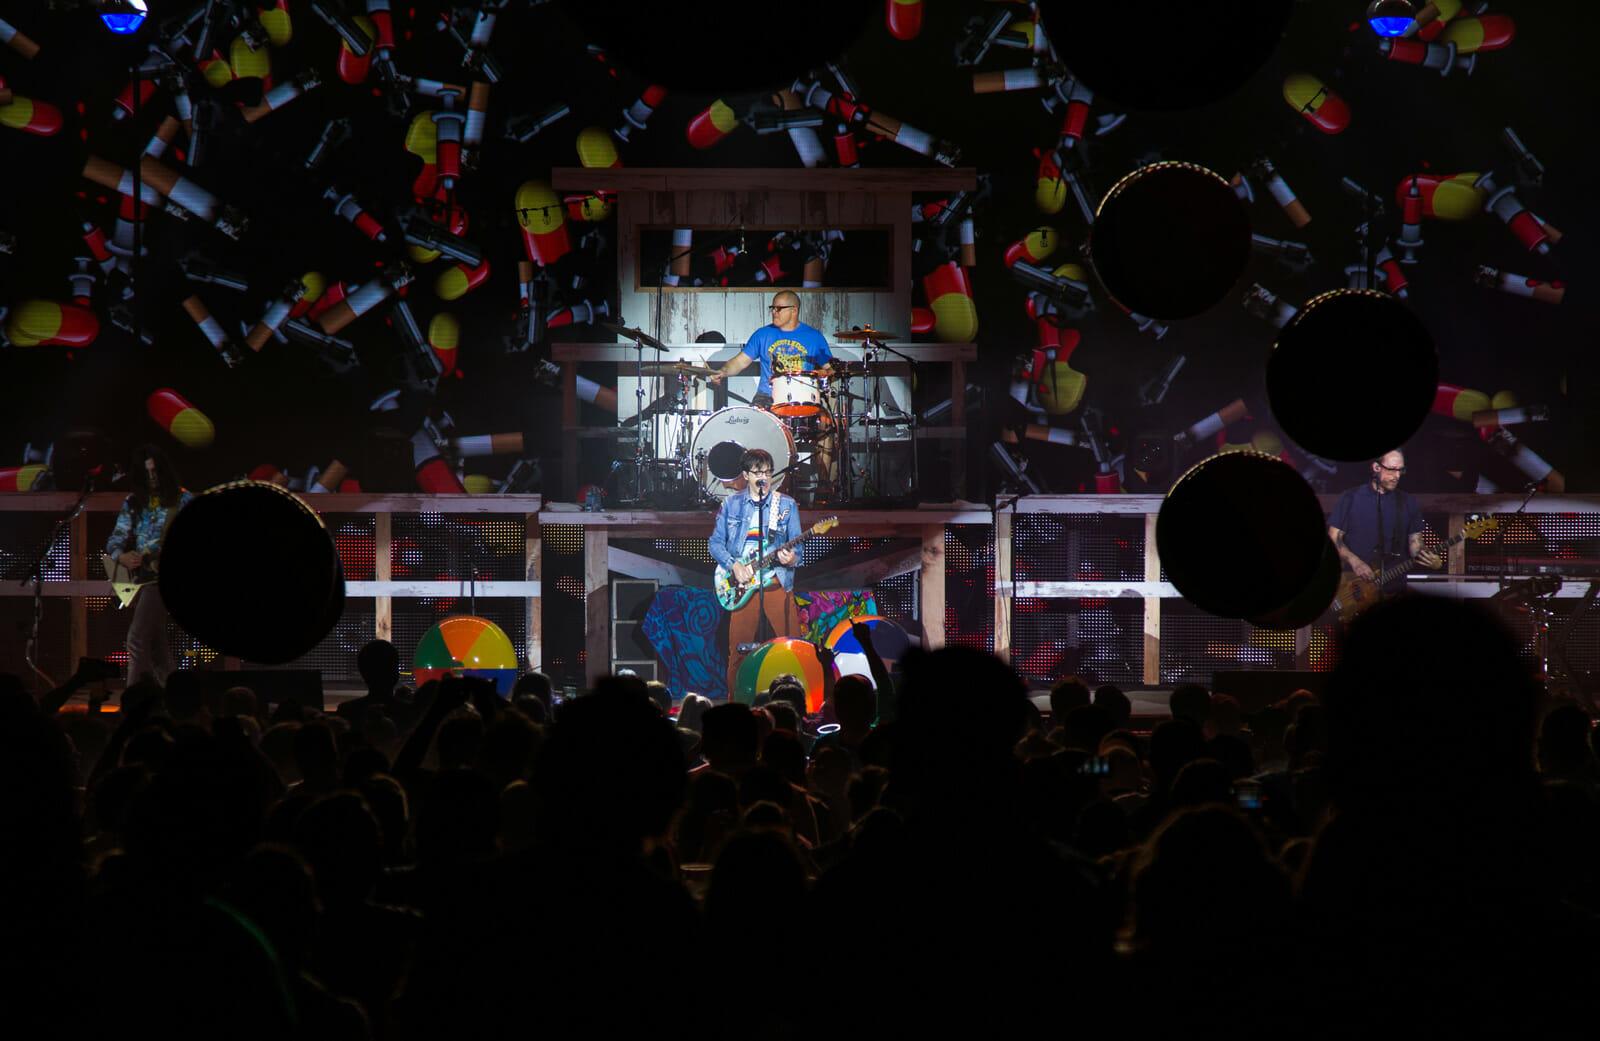 Weezer - Tour Visuals